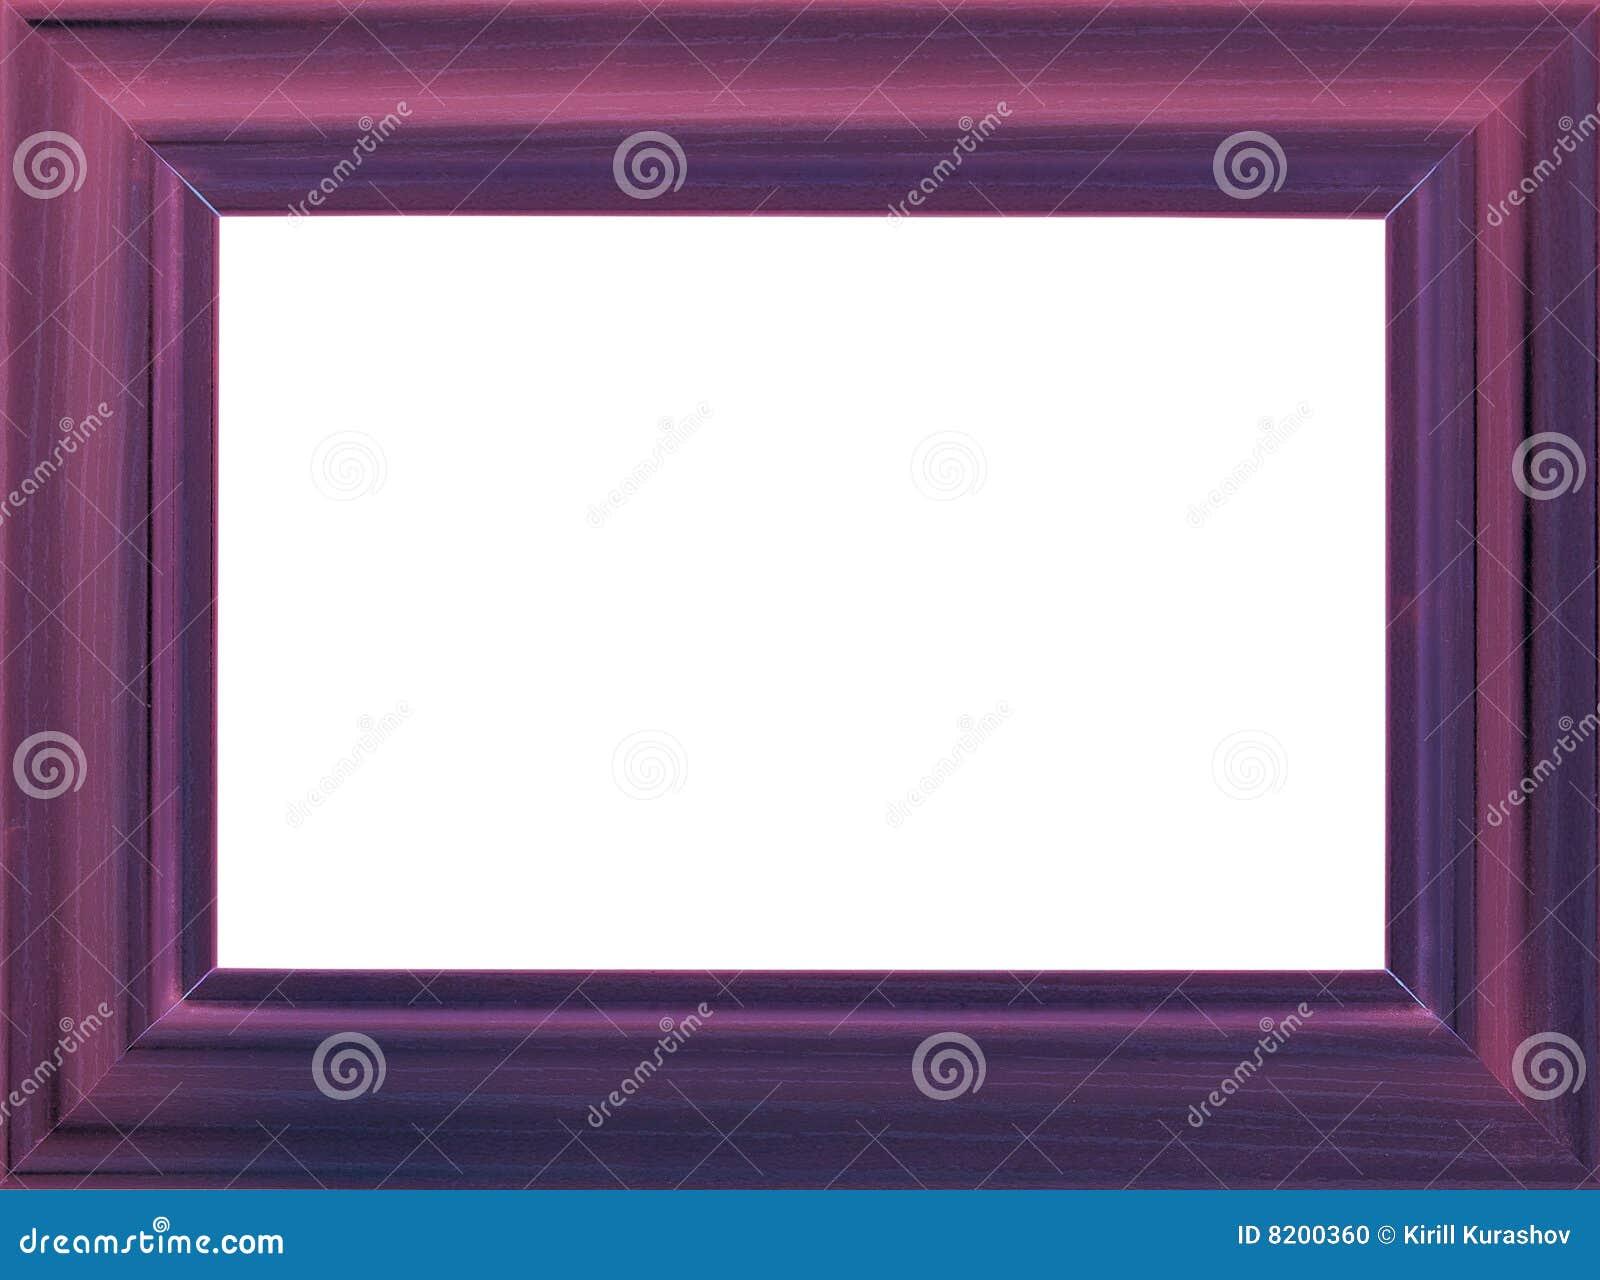 Marco de madera violeta de la foto foto de archivo - Marcos de fotos madera ...